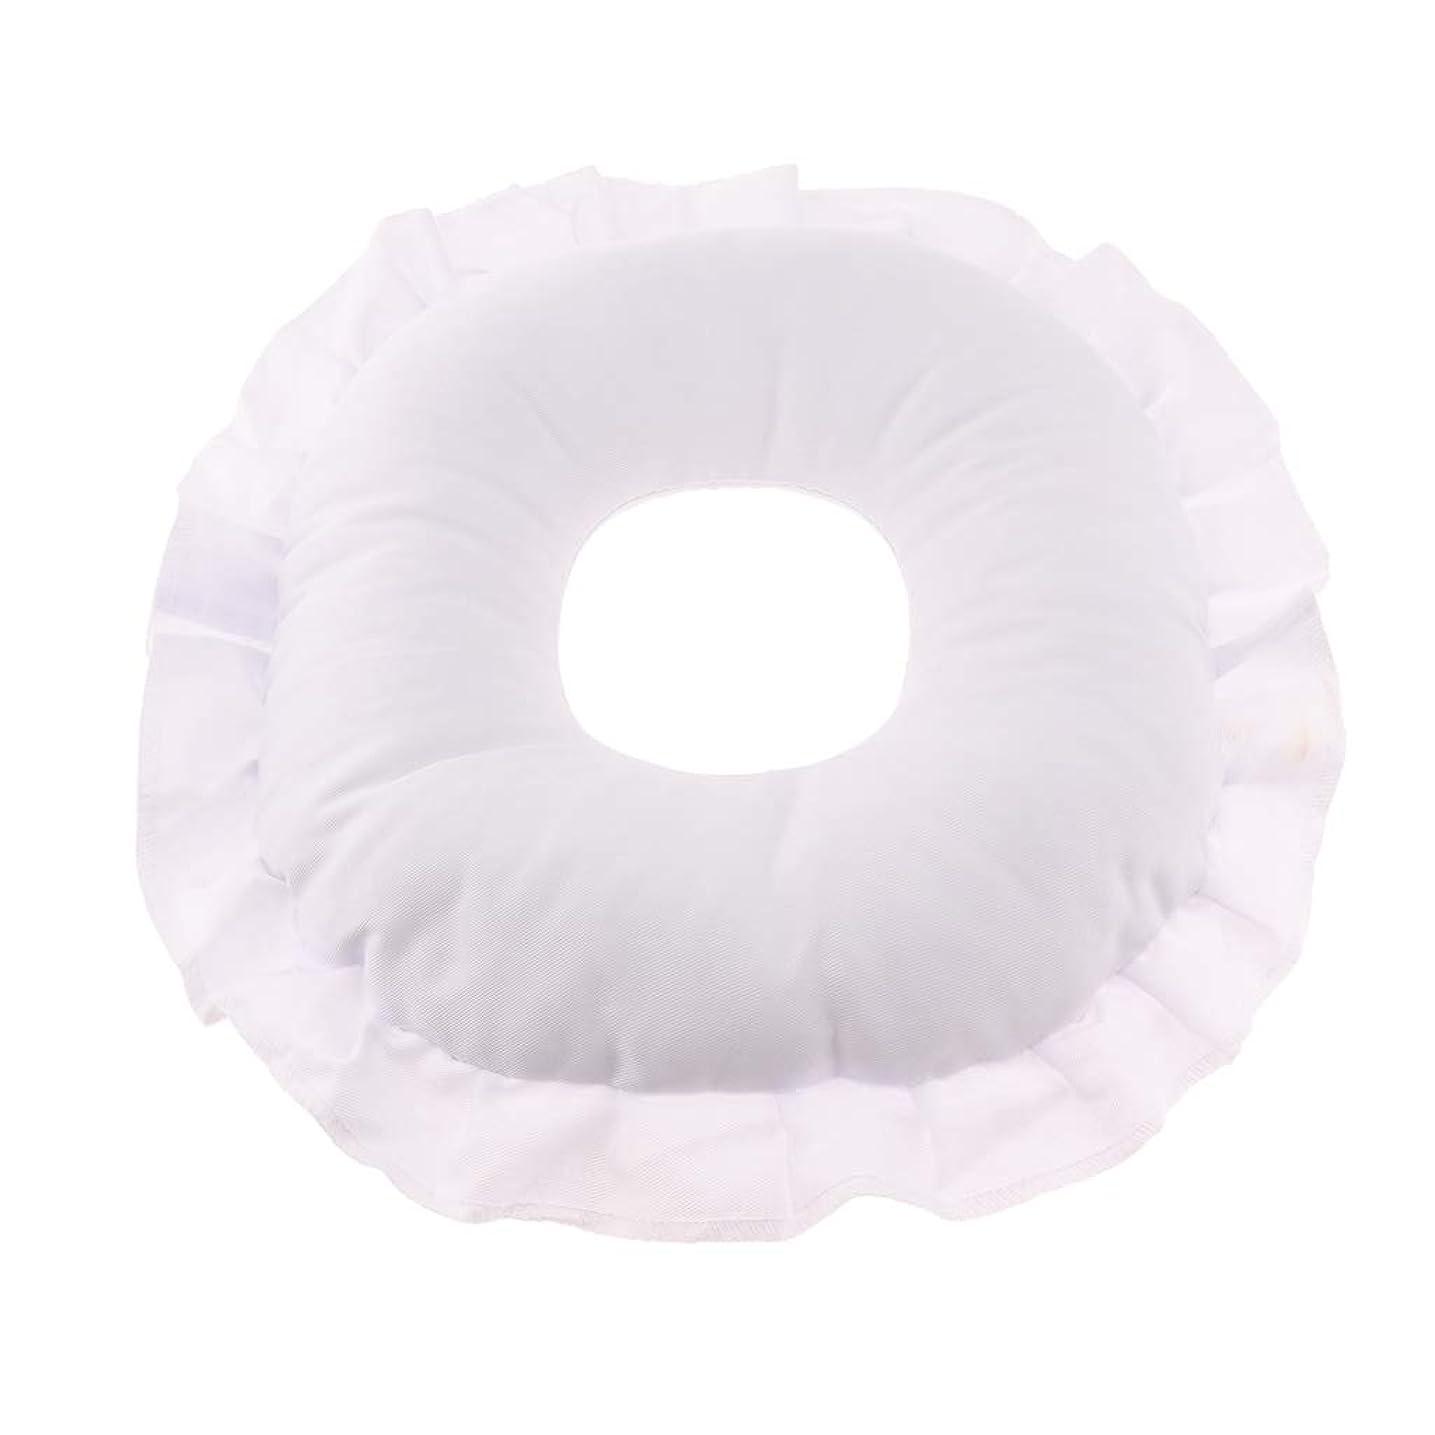 誕生日保護ささいなFenteer マッサージテーブルピロー フェイスピロー 顔枕 フェイスクッション 柔軟 洗えるカバー 全3色 - 白